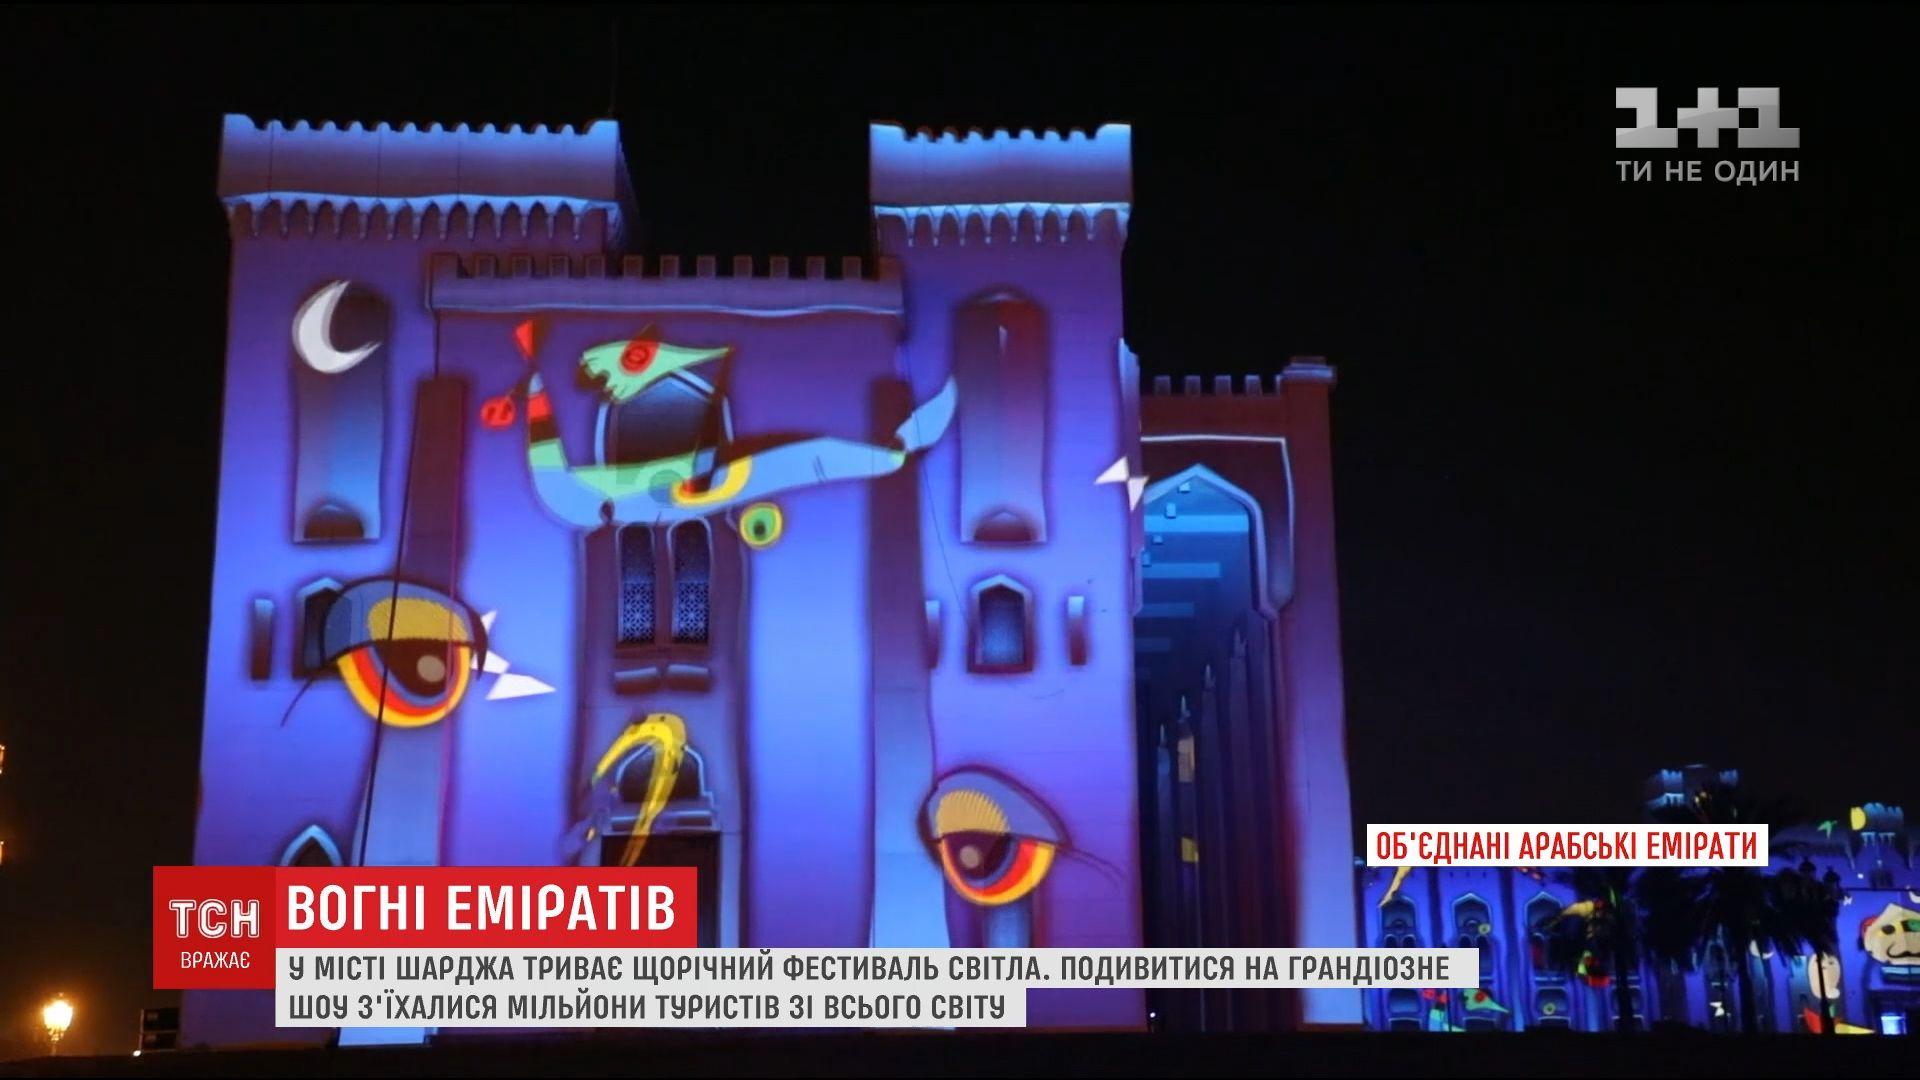 Вогні видно з космосу: в ОАЕ відбувся грандіозний фестиваль світла